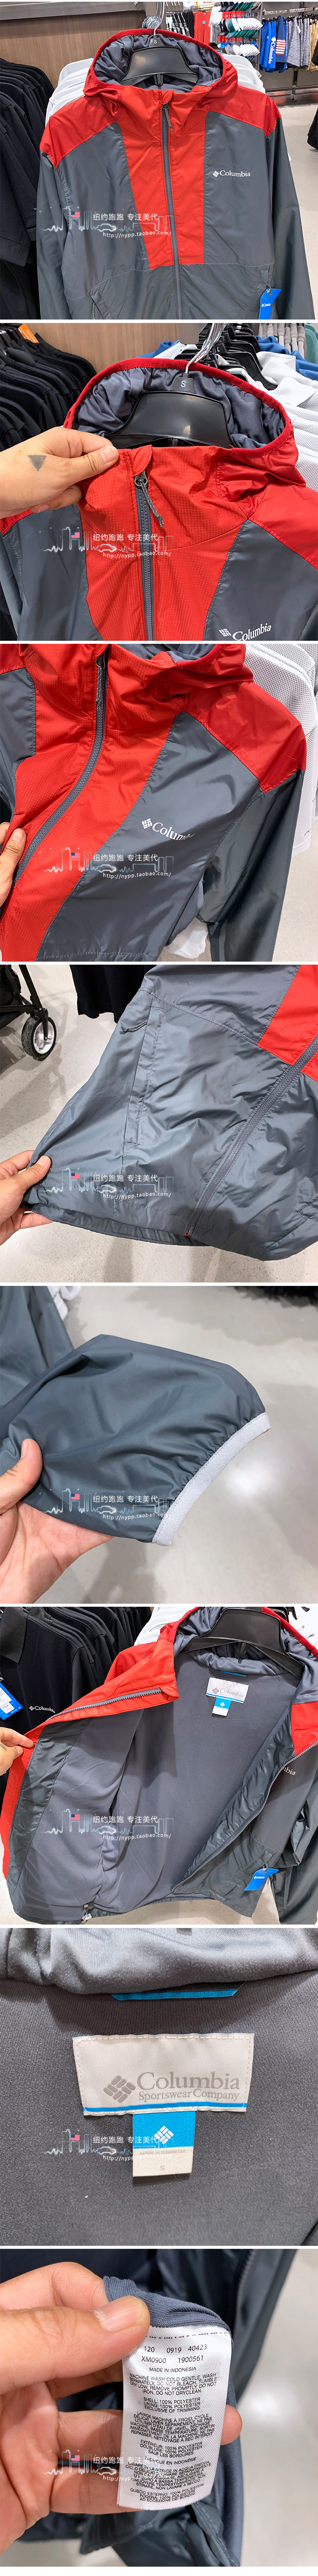 韓日美代購紐約跑跑 男裝Columbia哥倫比亞 男士戶外旅行防風防水連帽外套